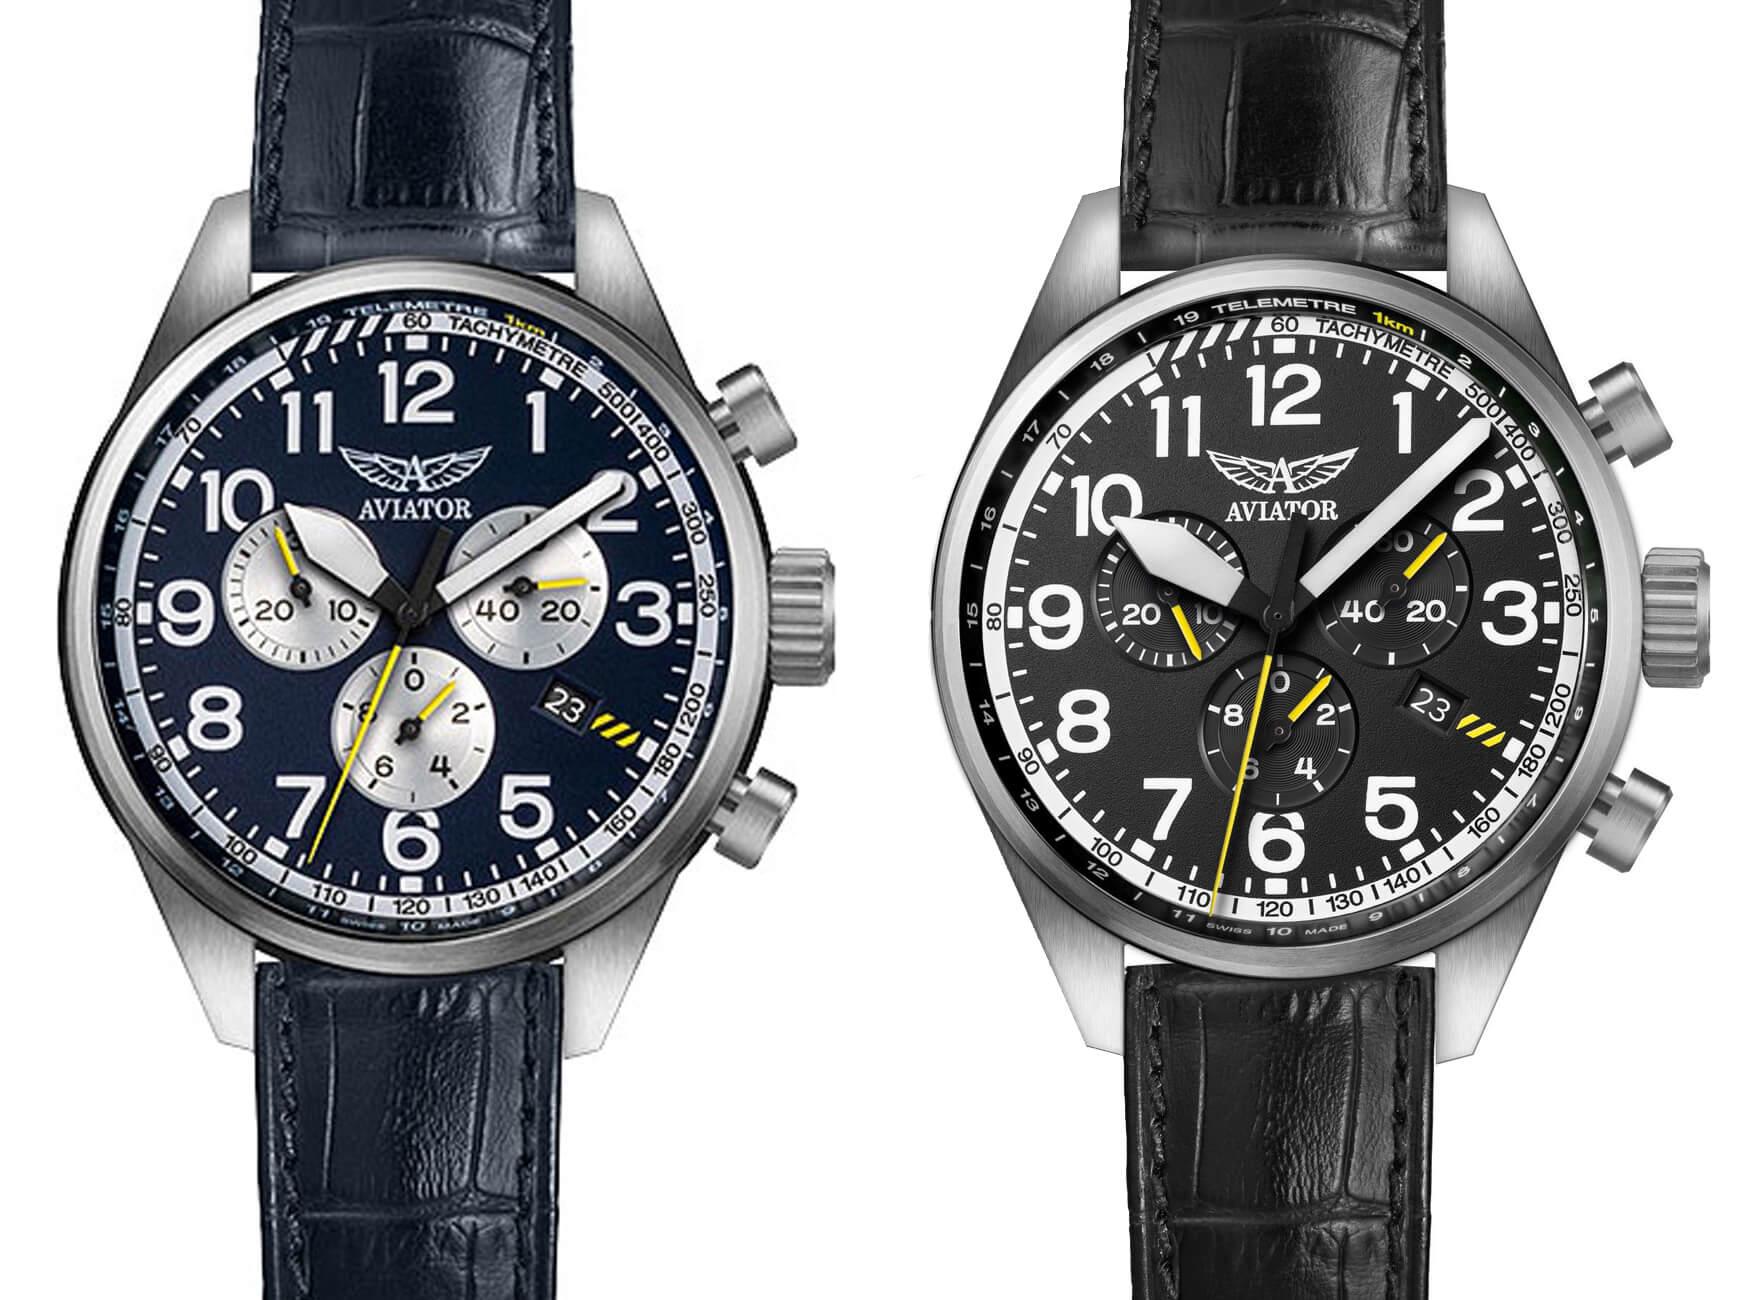 Zegarki Aviator Airacobra P45 w różnych wariantach kolorystycznych